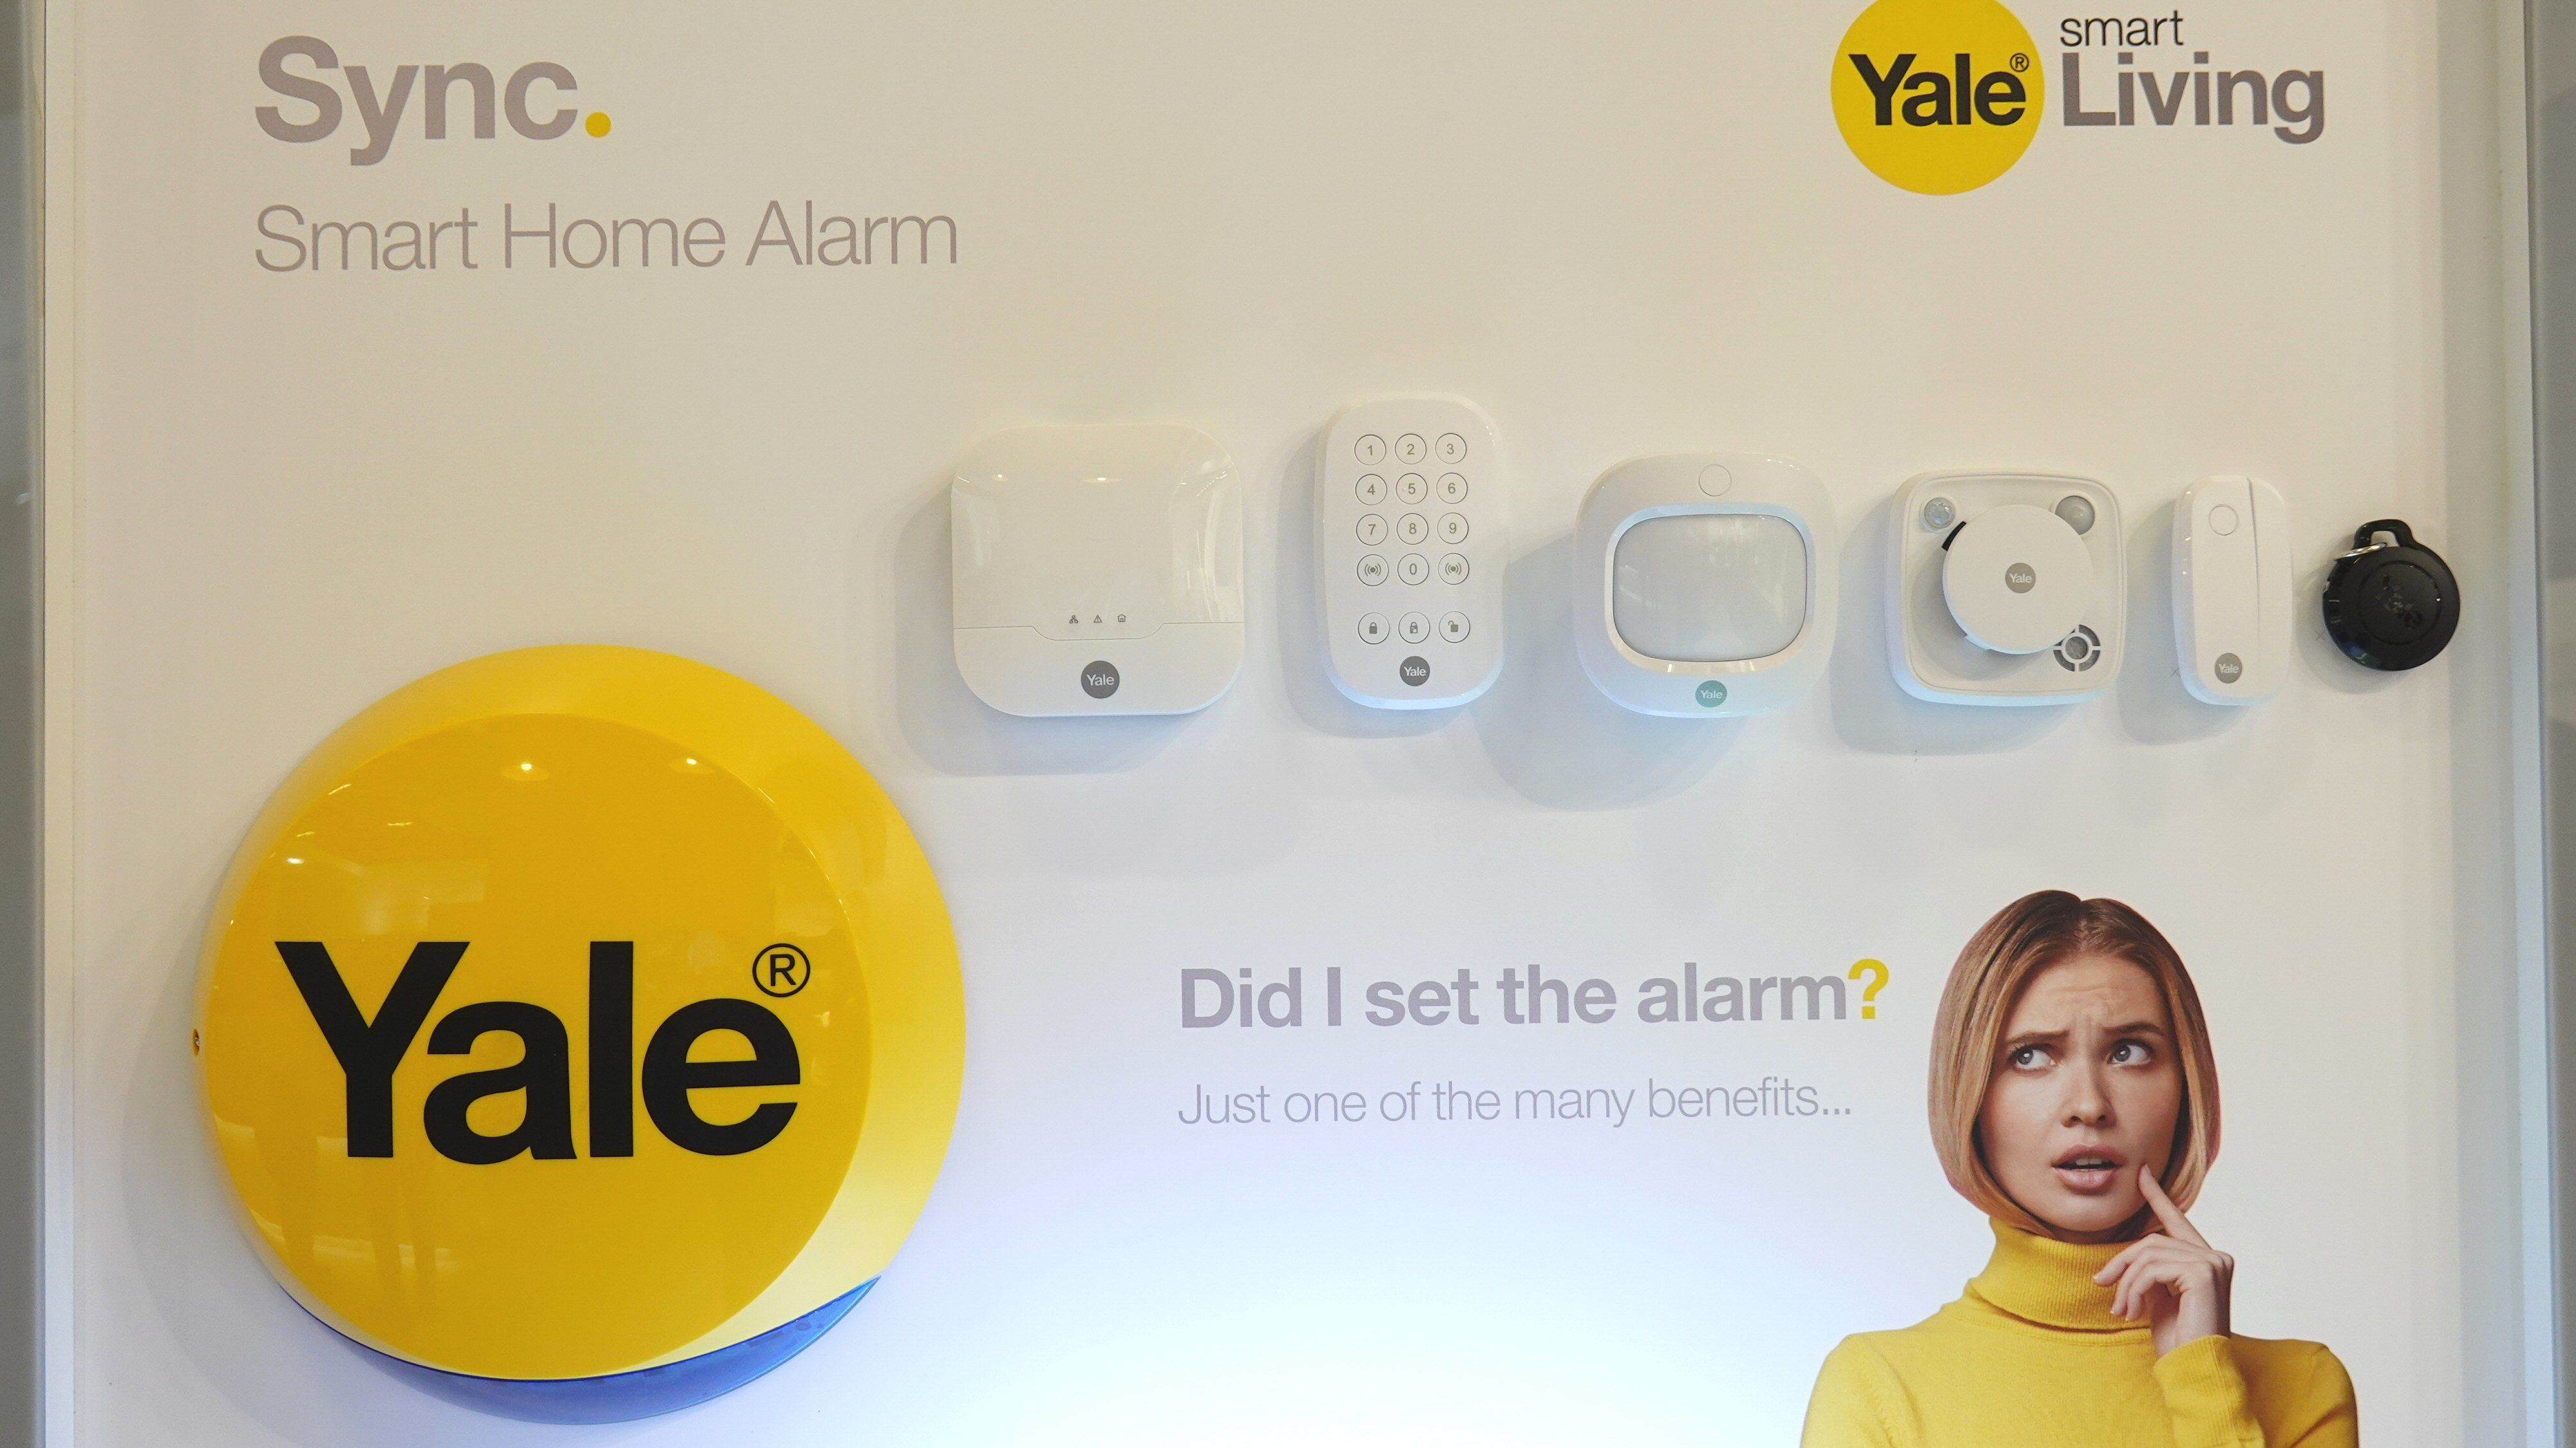 Sync byr på ny kontrollboks, nye sensorer og ny design. Den runde gule boksen nede til venstre er en utvendig «nabovarsler» som blinker og uler hvis alarmen går. Dette er ikke vanlig her hjemme, men er å betrakte som standard i en del andre land.